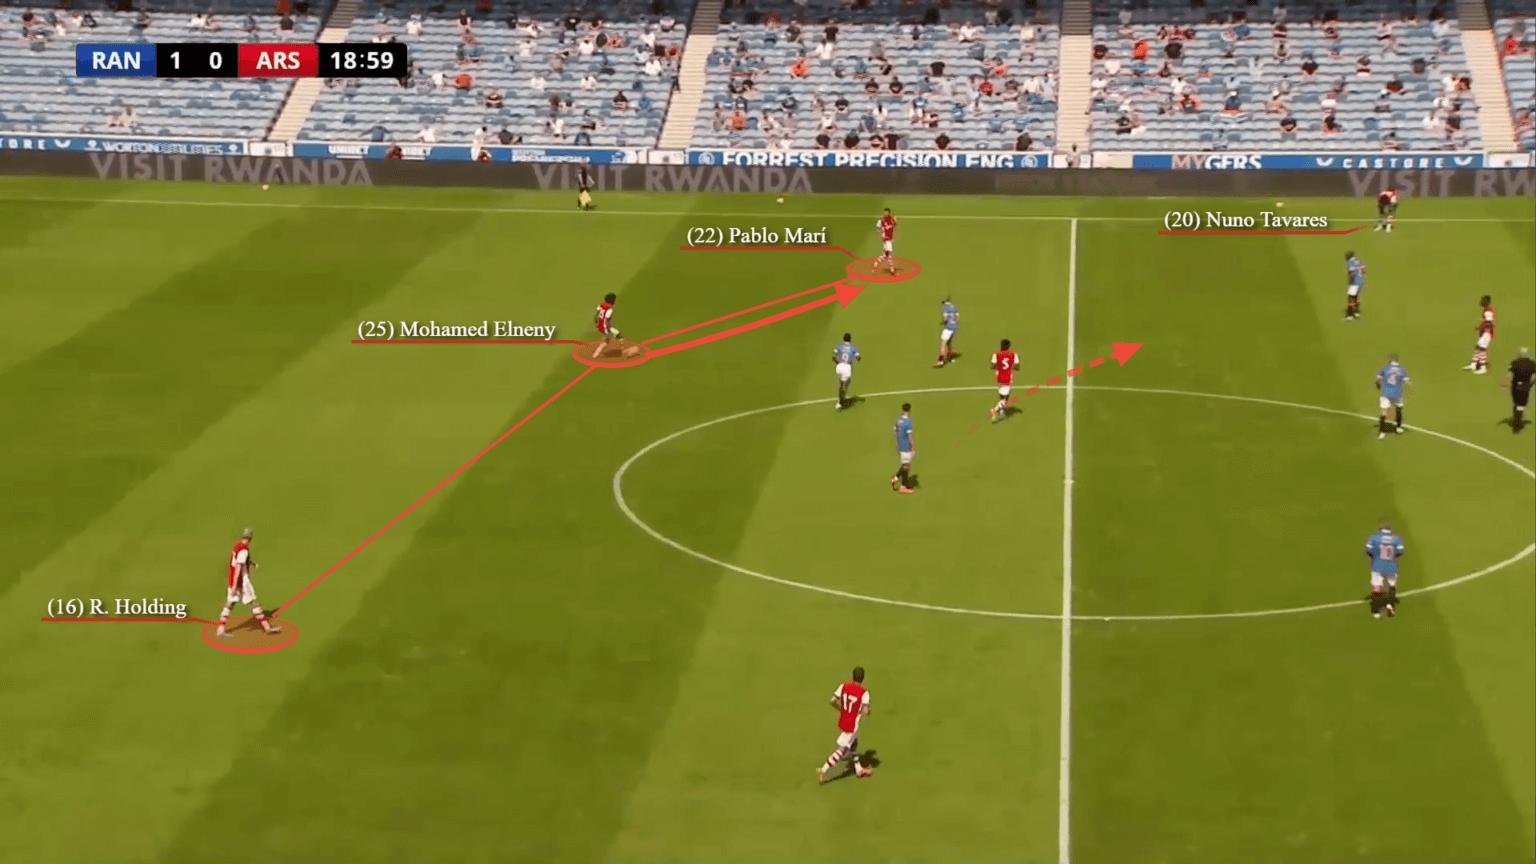 Thậm chí, Paolo Mari cũng có thể đá ở vị trí này và điều đó cho thấy Arsenal nhất quyết giữ vị trí của Xhaka bất chấp mùa này có hay không có anh